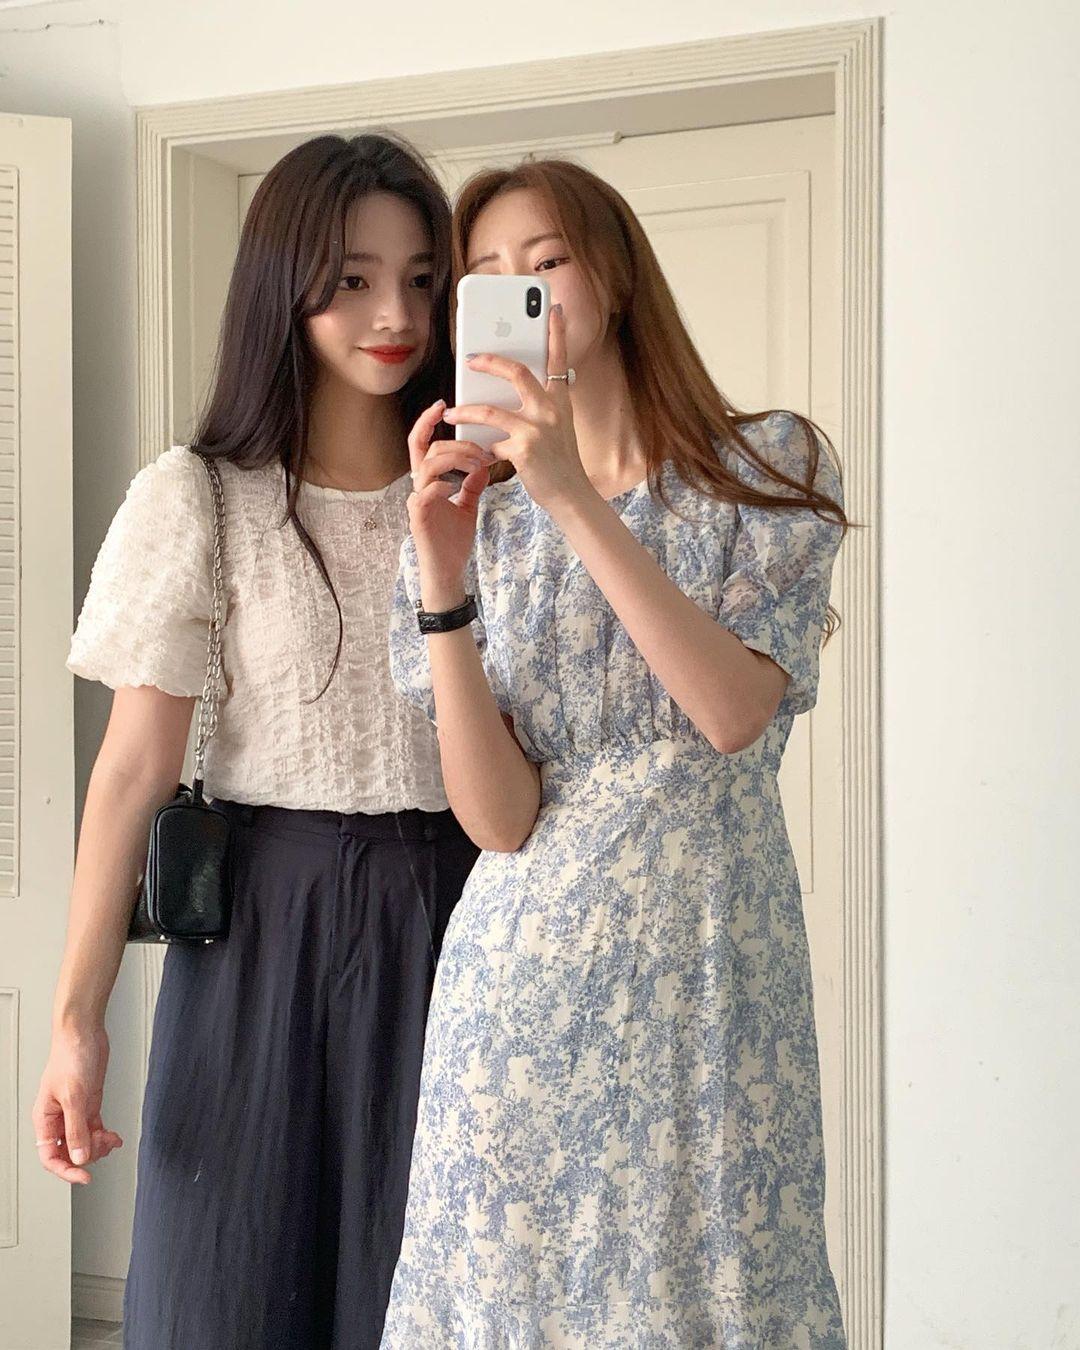 3 mẫu váy trẻ trung và ăn ảnh hơn cả váy trắng, ngắm là muốn 'hốt' trọn về nhà - Ảnh 12